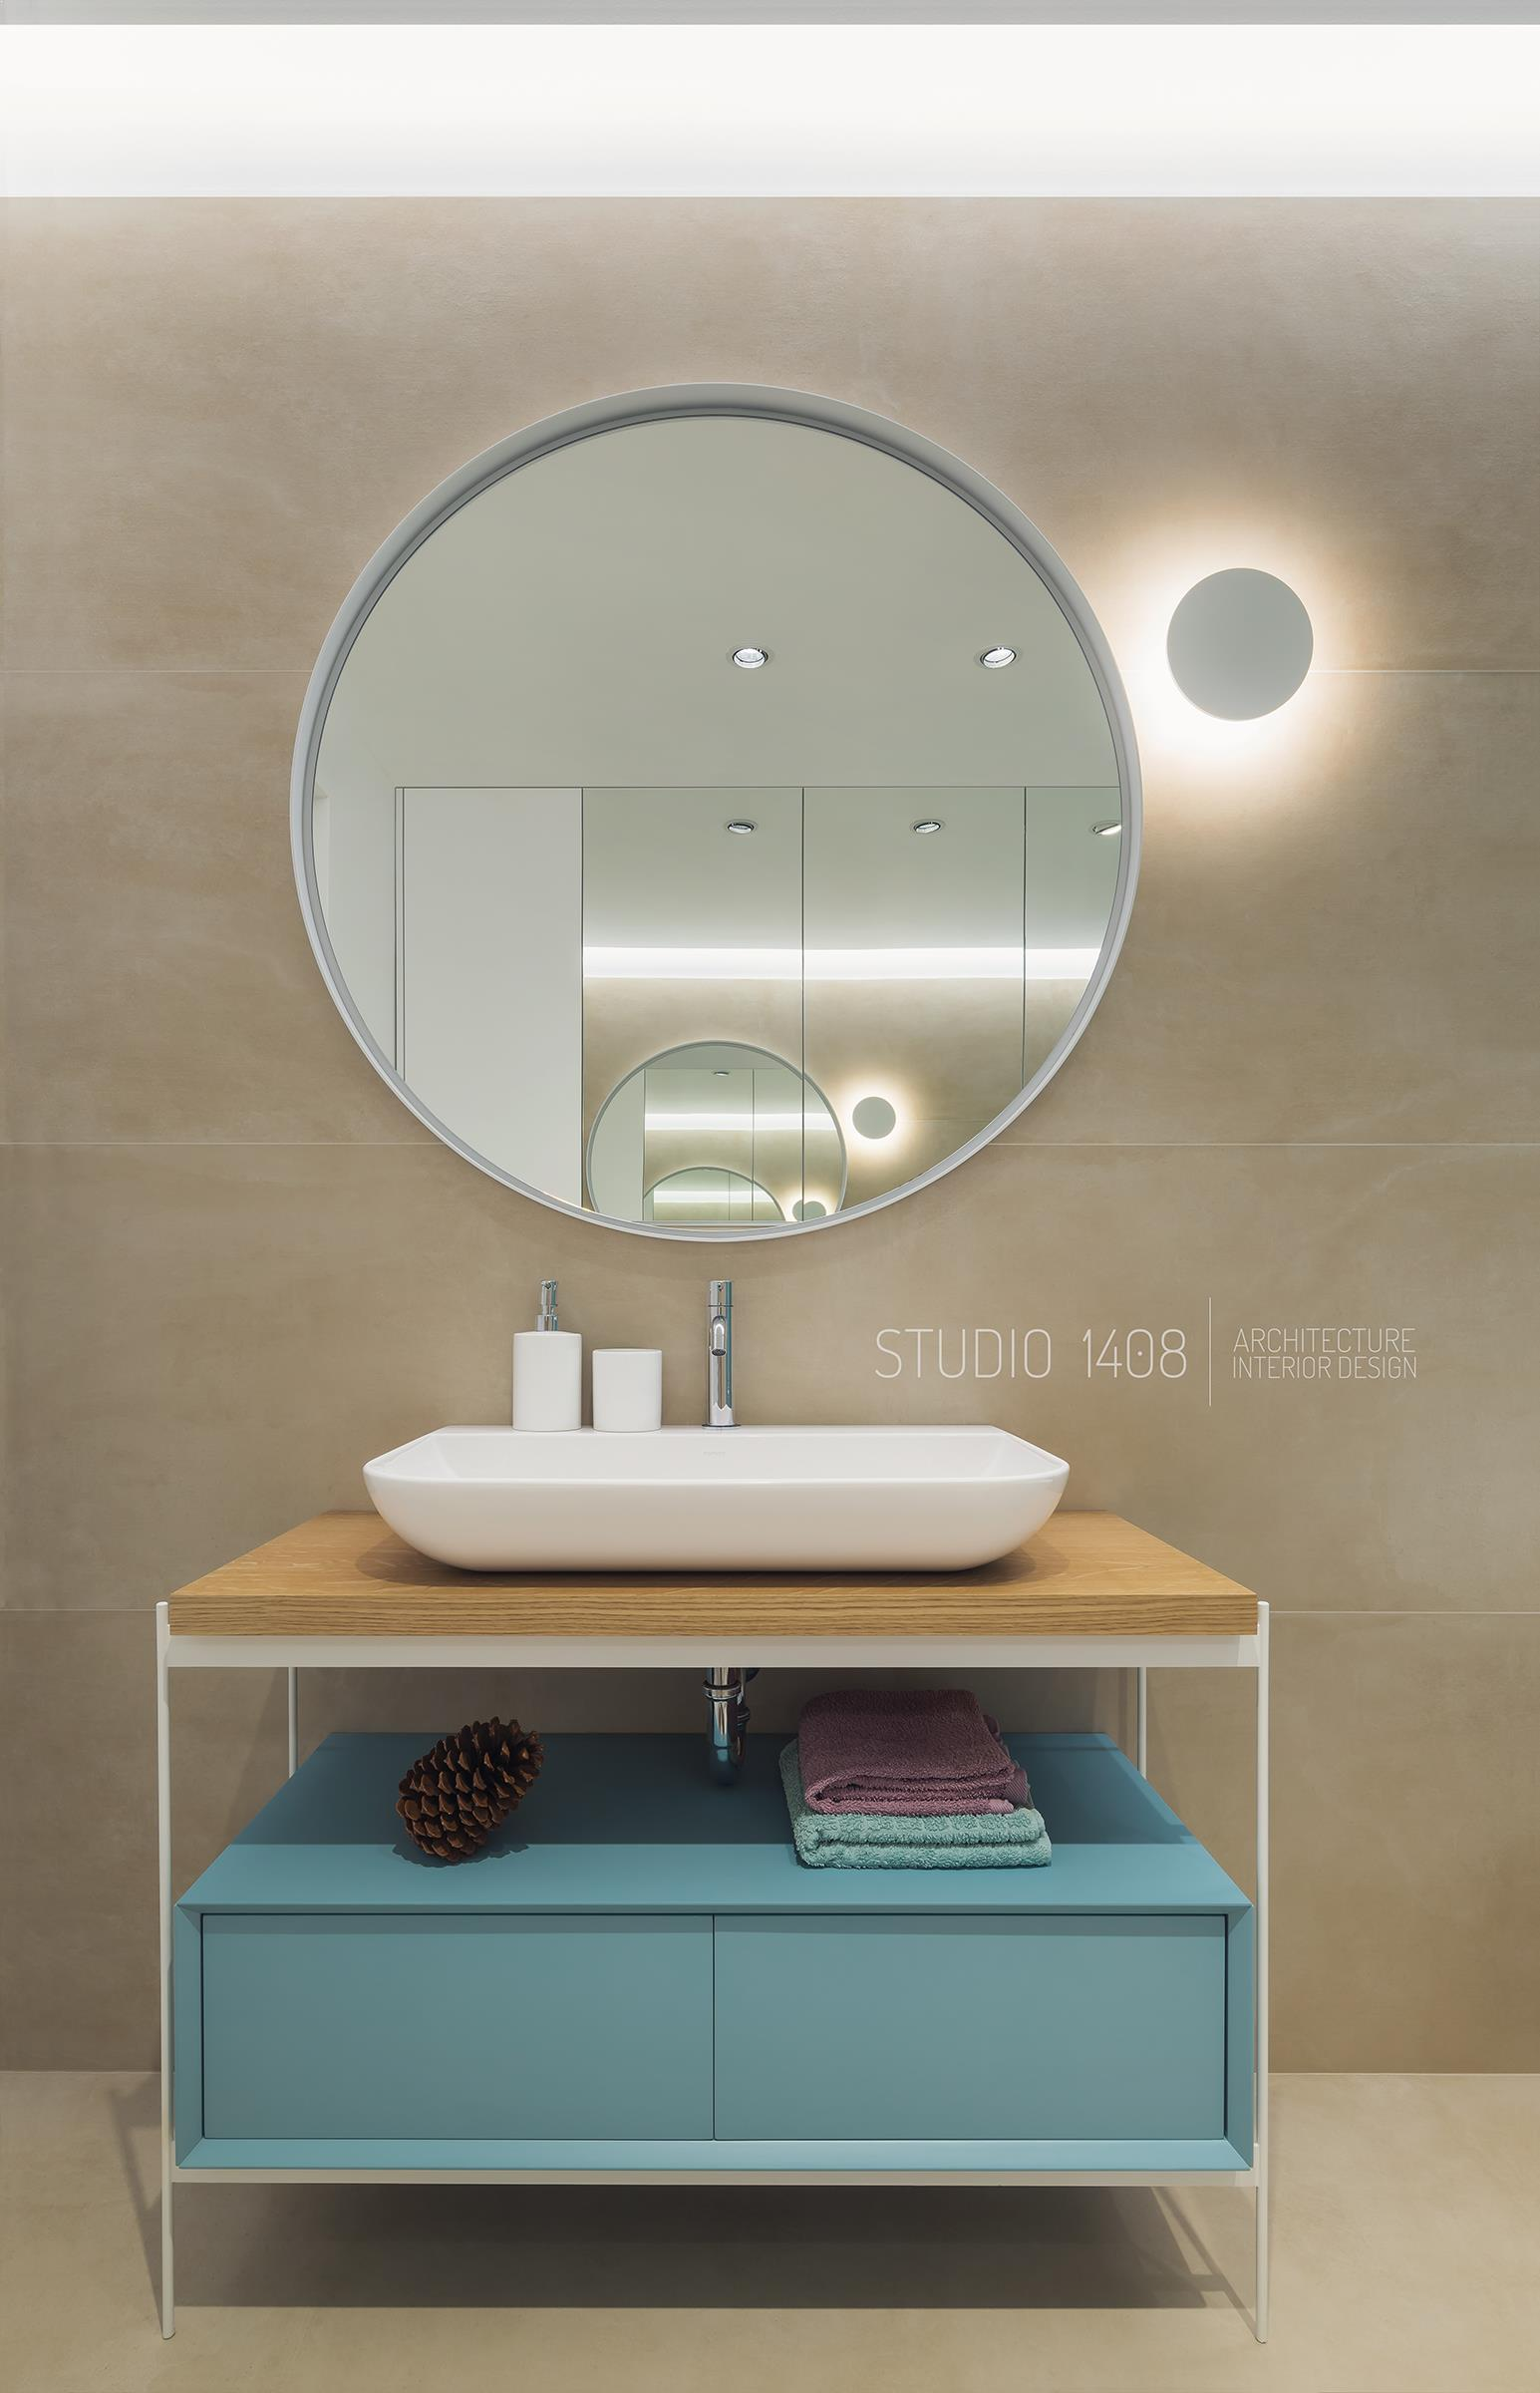 mobilier baie unicat cu accente de culoare